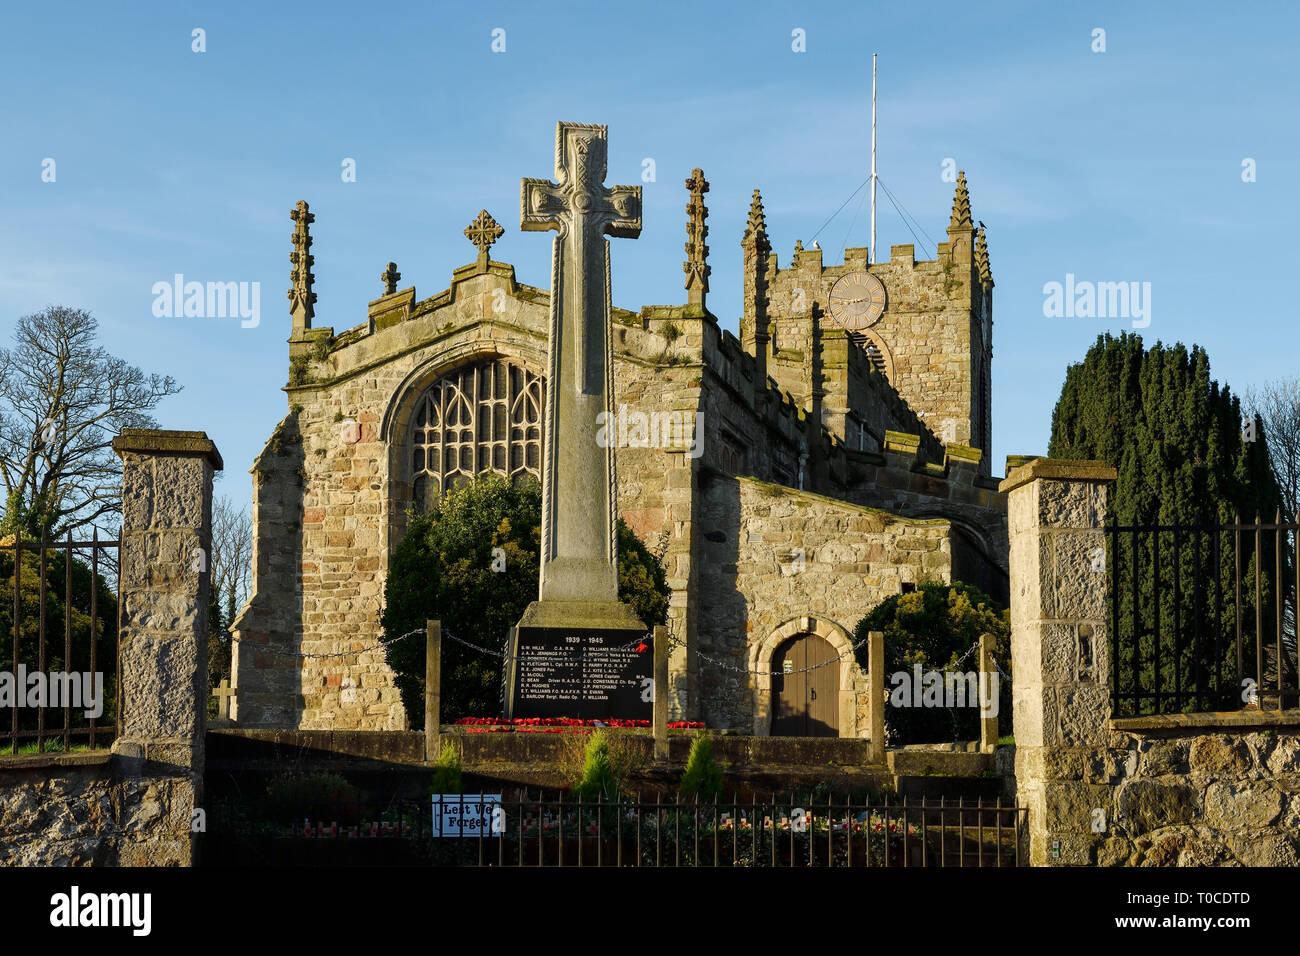 El exterior de Santa María y la iglesia de San Nicolás en el centro de la ciudad de Beaumaris, Anglesey, Norte de Gales, Reino Unido Foto de stock